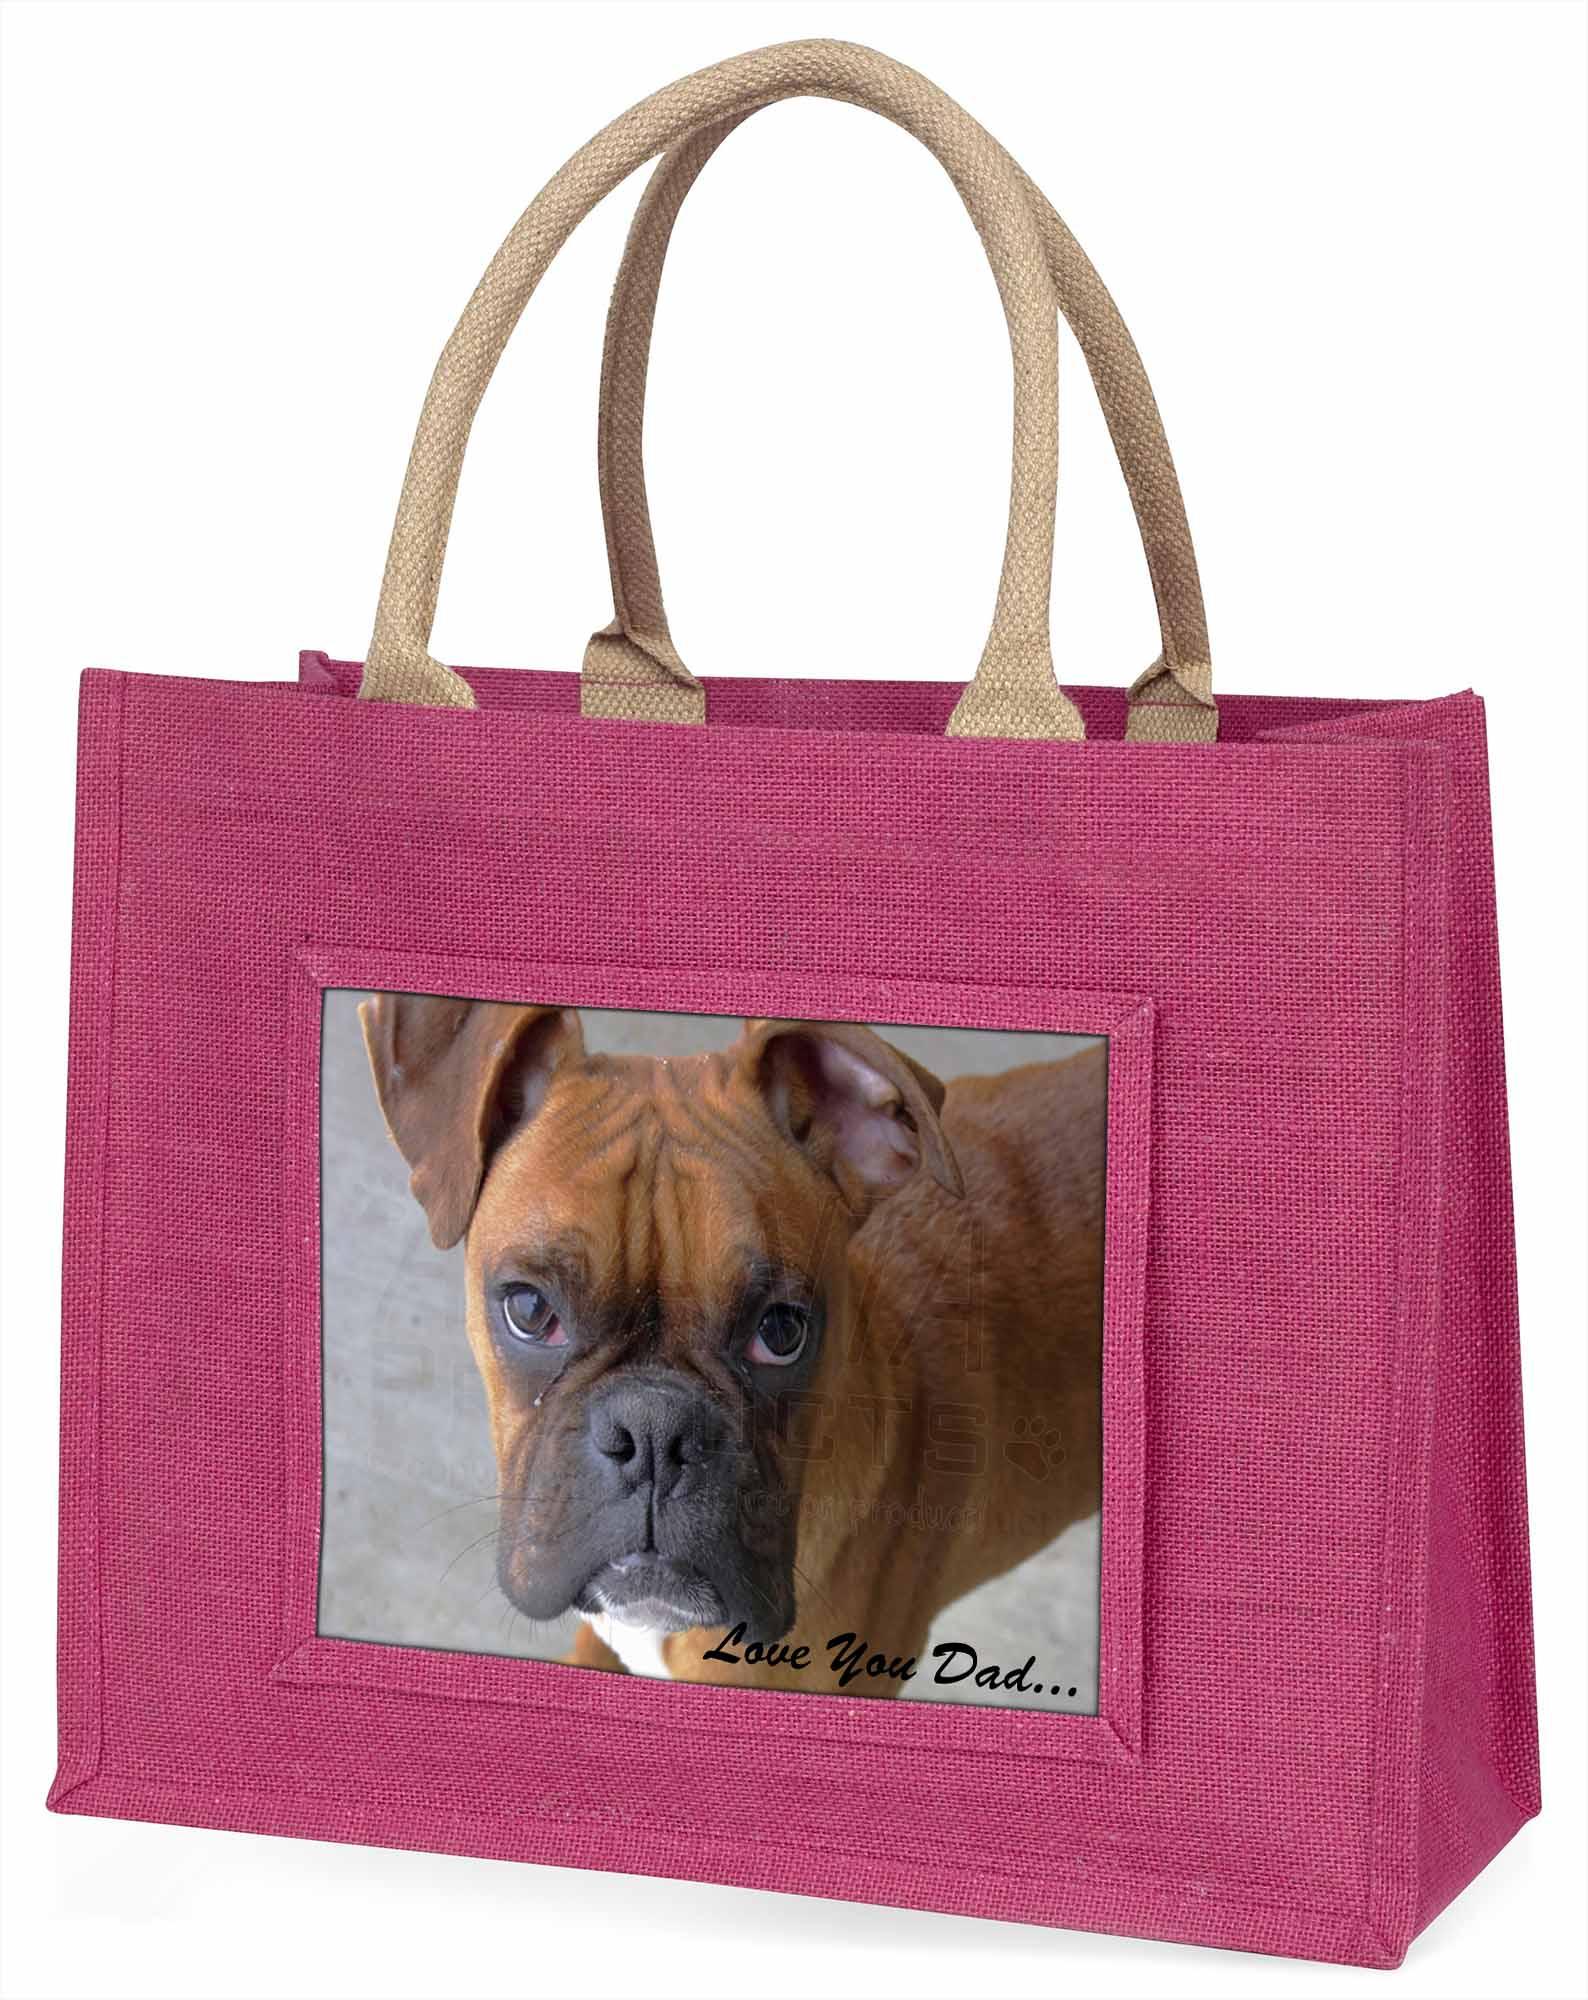 Boxer Hund ' liebe Dich Papa' Stimmung große rosa Einkaufstasche WEIHNACHTEN P,